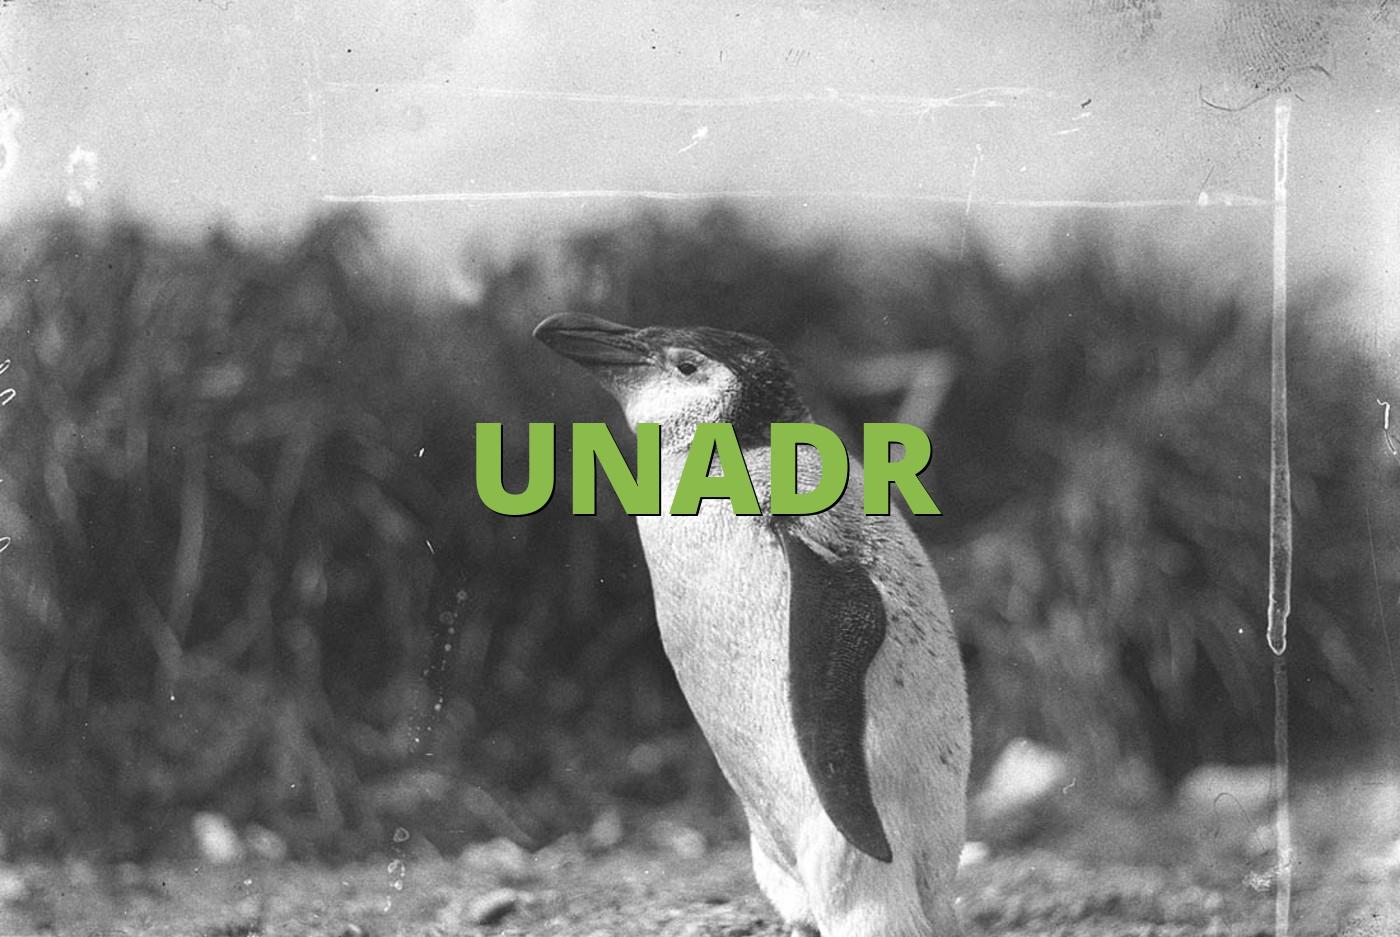 UNADR